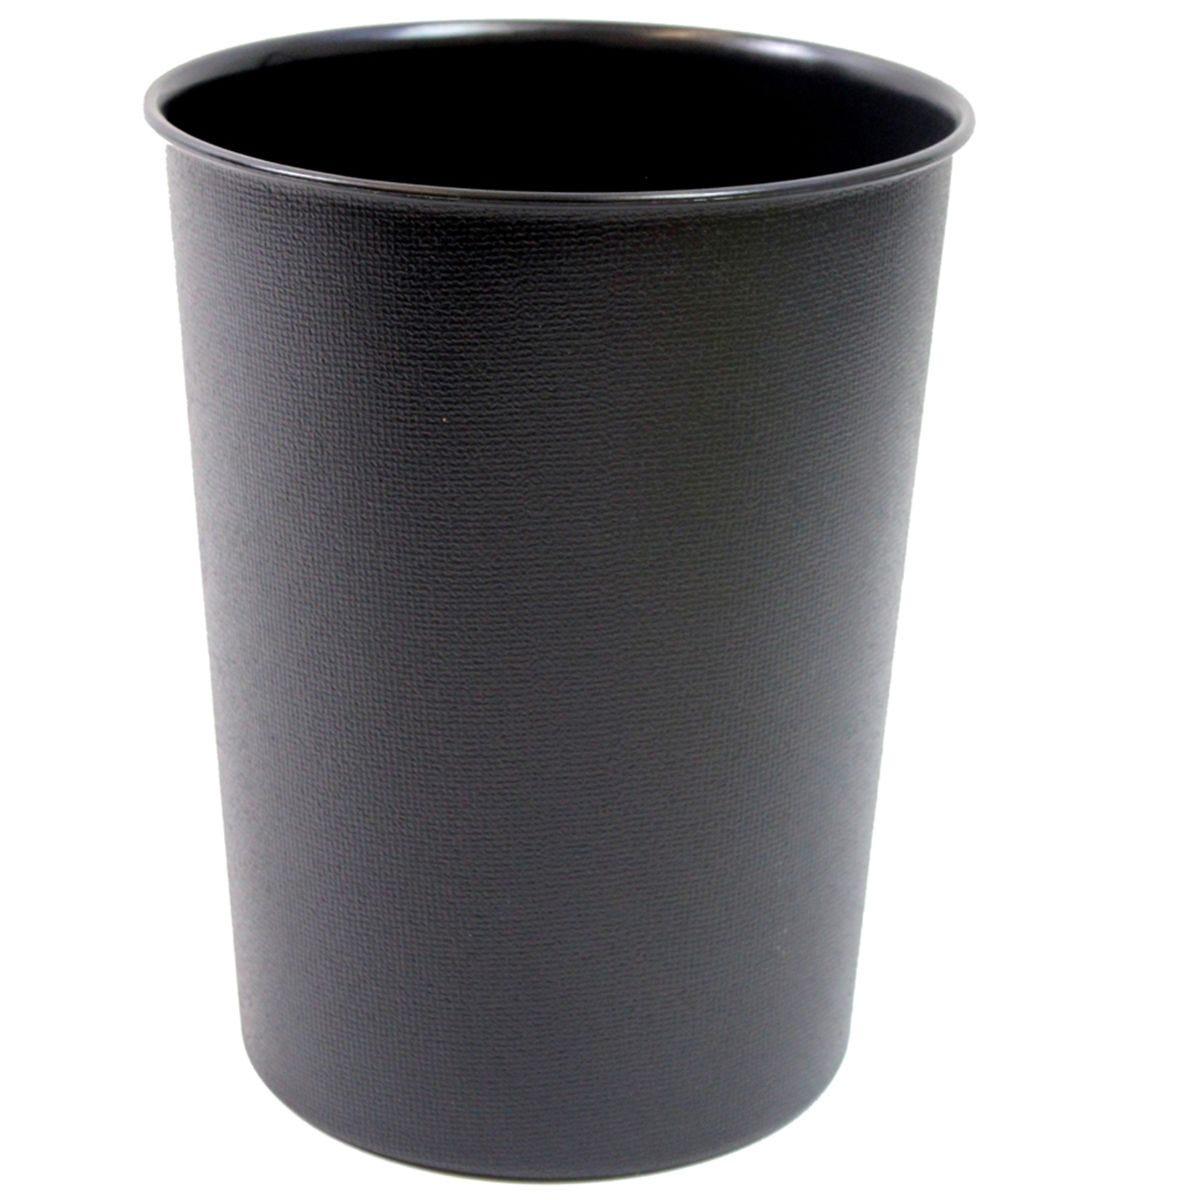 JVL Quality Vibrance Lightweight Waste Paper Basket Bin Plastic Black